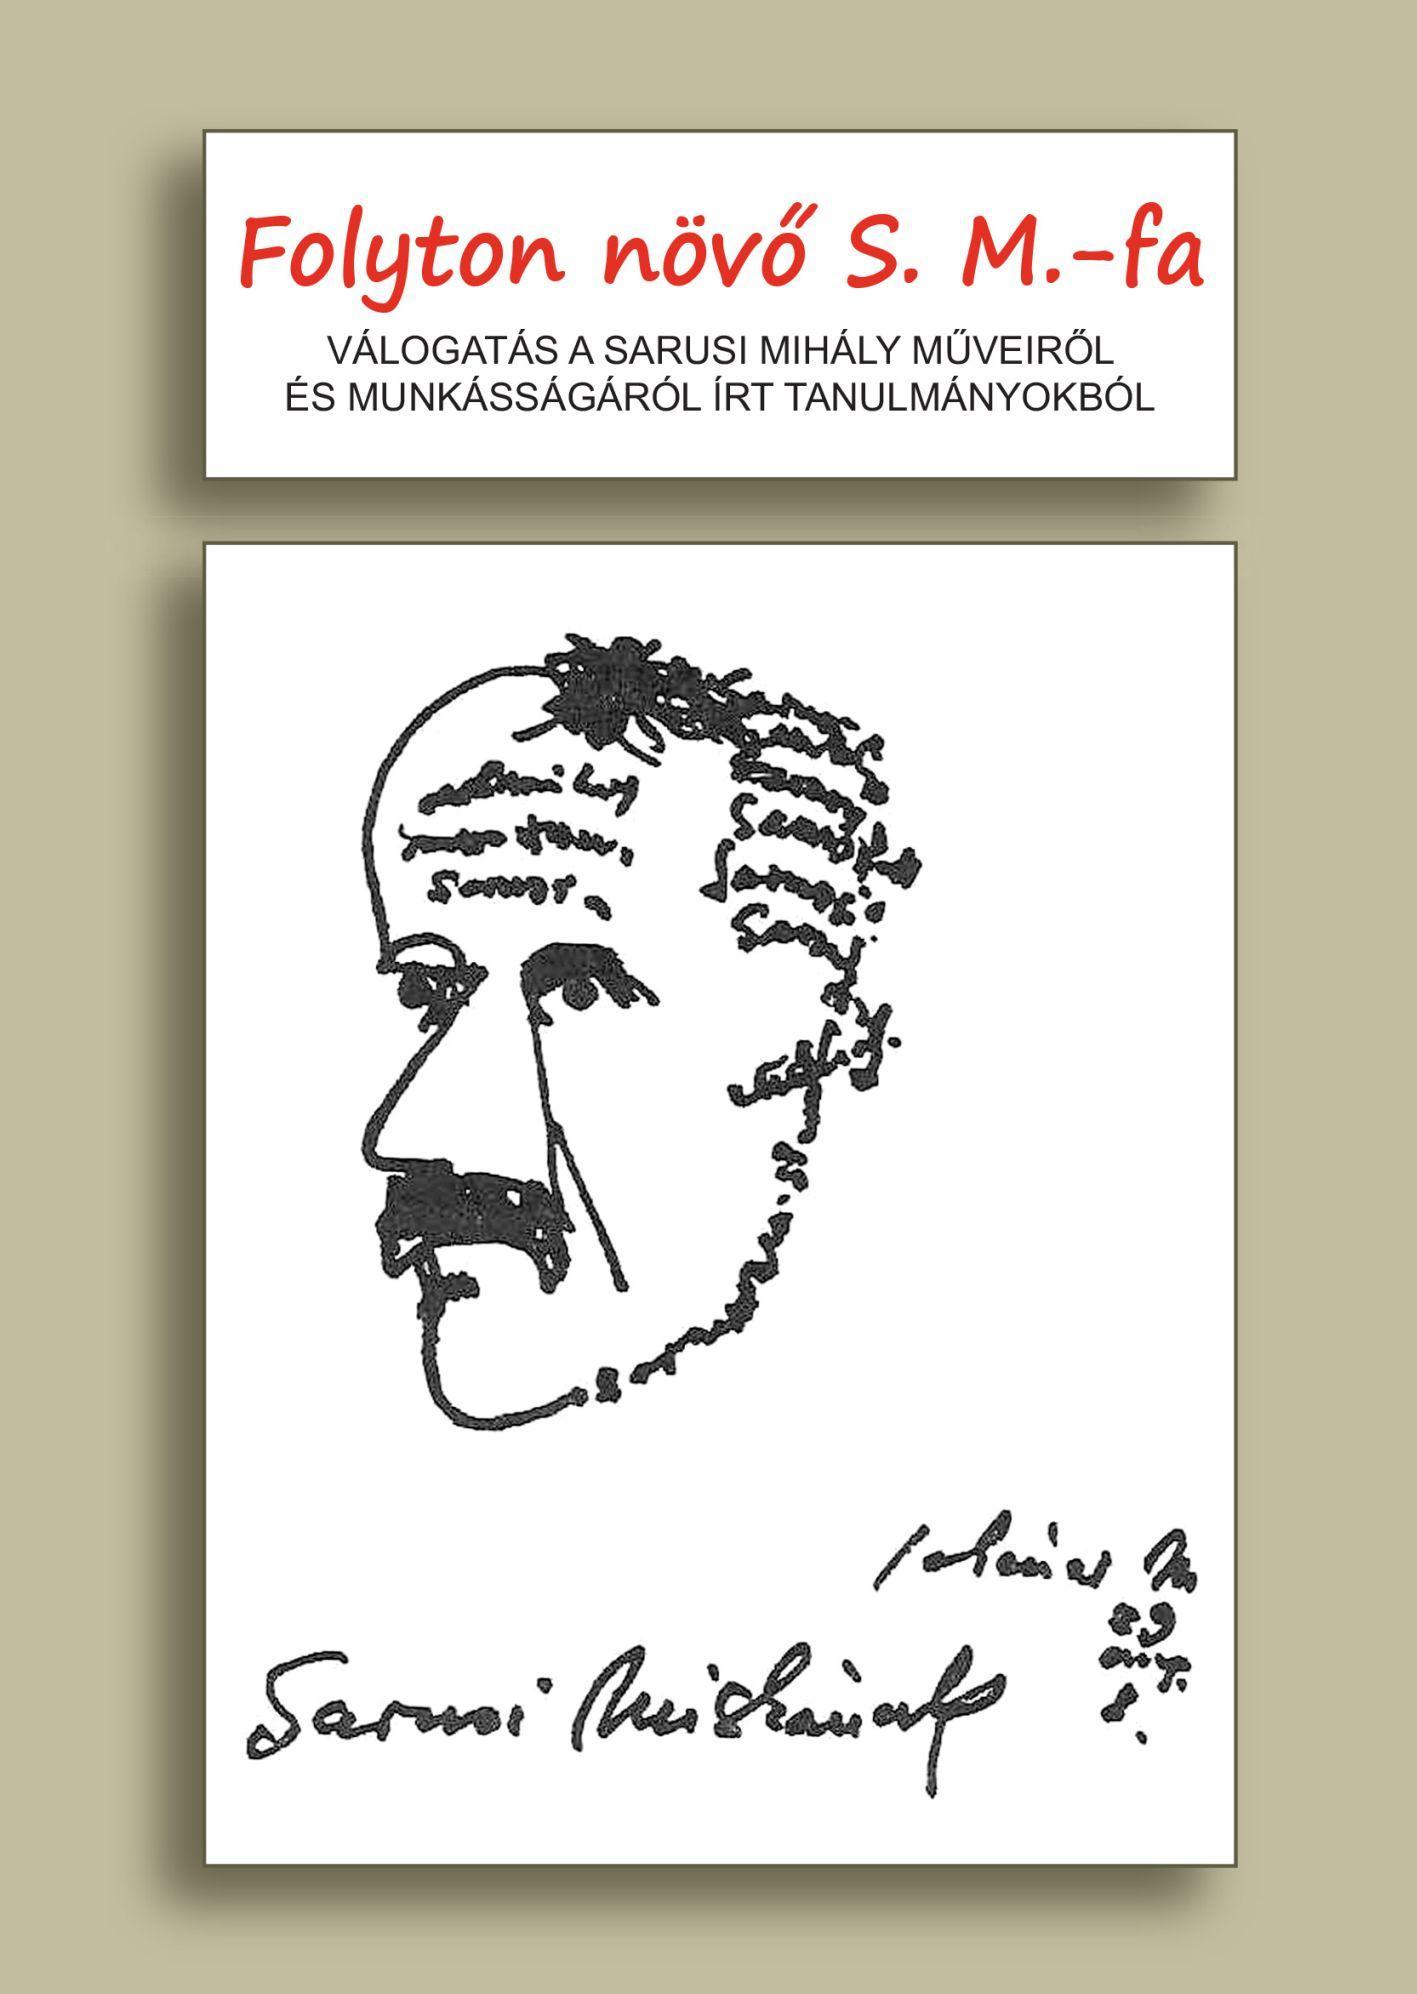 FOLYTON NÖVŐ S. M.-FA. - VÁLOGATÁS A SARUSI MIHÁLY MŰVEIRŐL ÉS MUNKÁSSÁGÁRÓL ÍRT